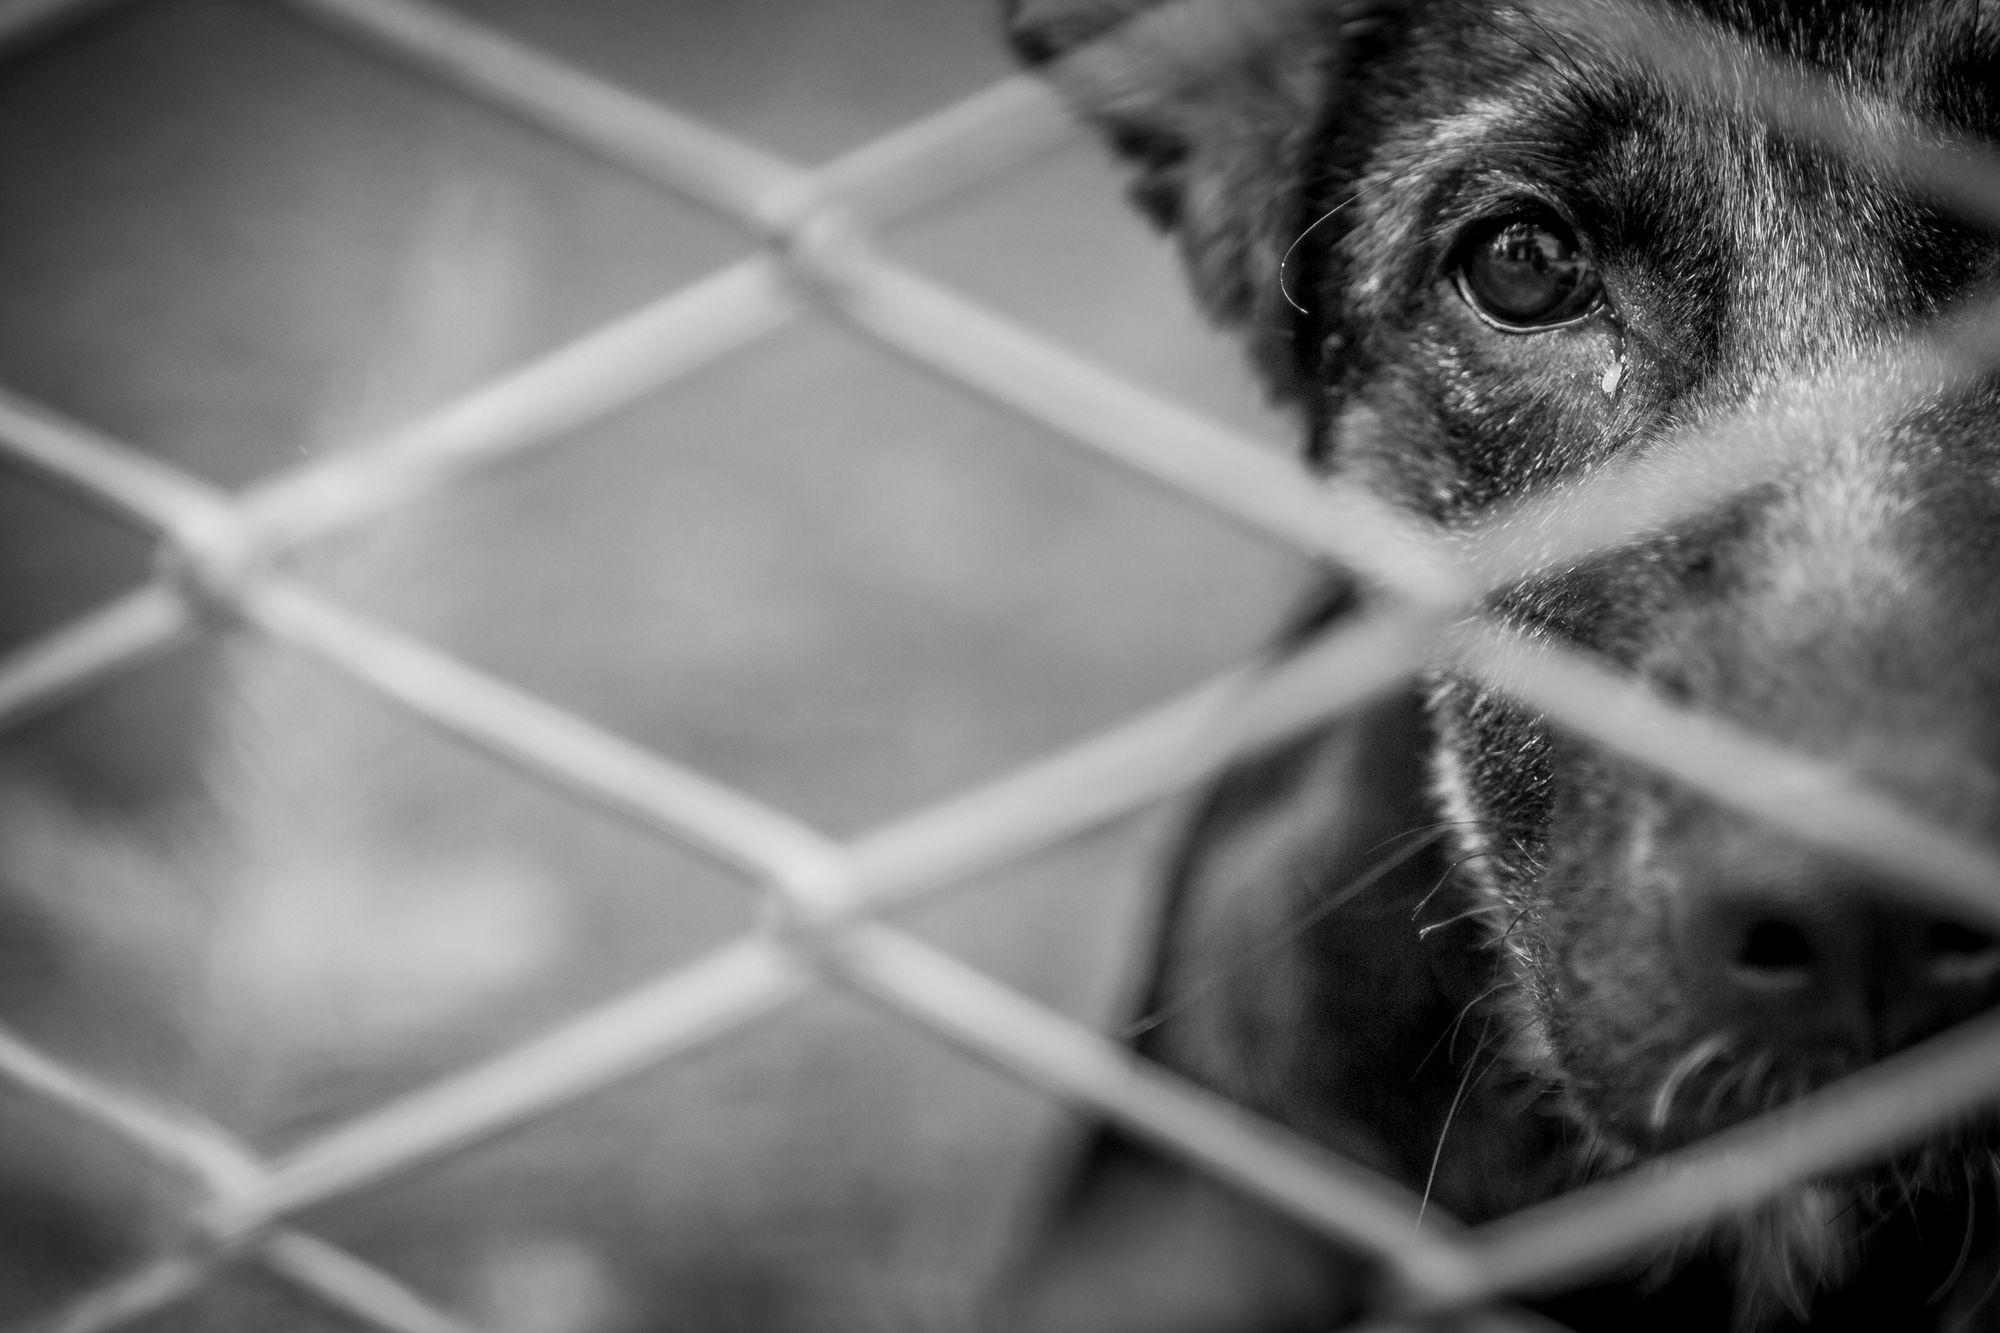 Kleiner Hund in Dresden geköpft! Polizei sucht Zeugen